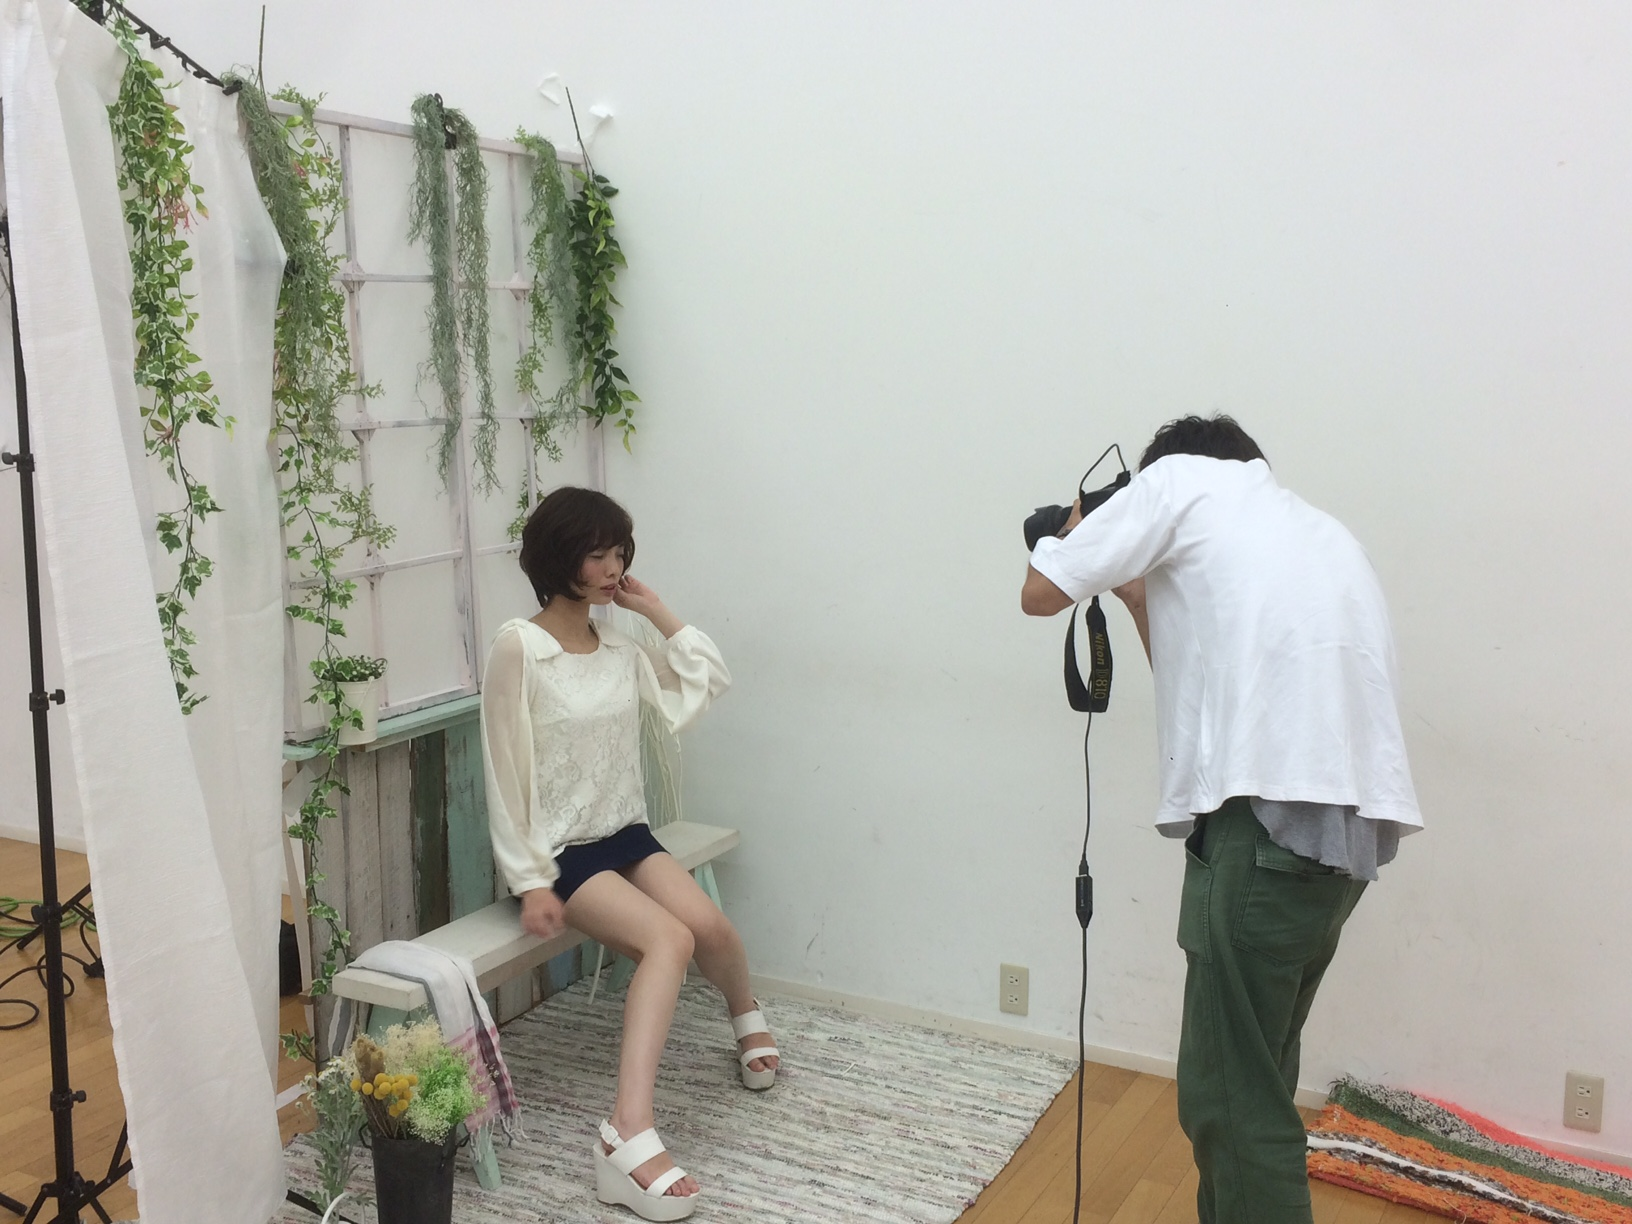 【重要】美容院の『スタイル写真』事情はどうなってる?  その1『見直すべき時です』